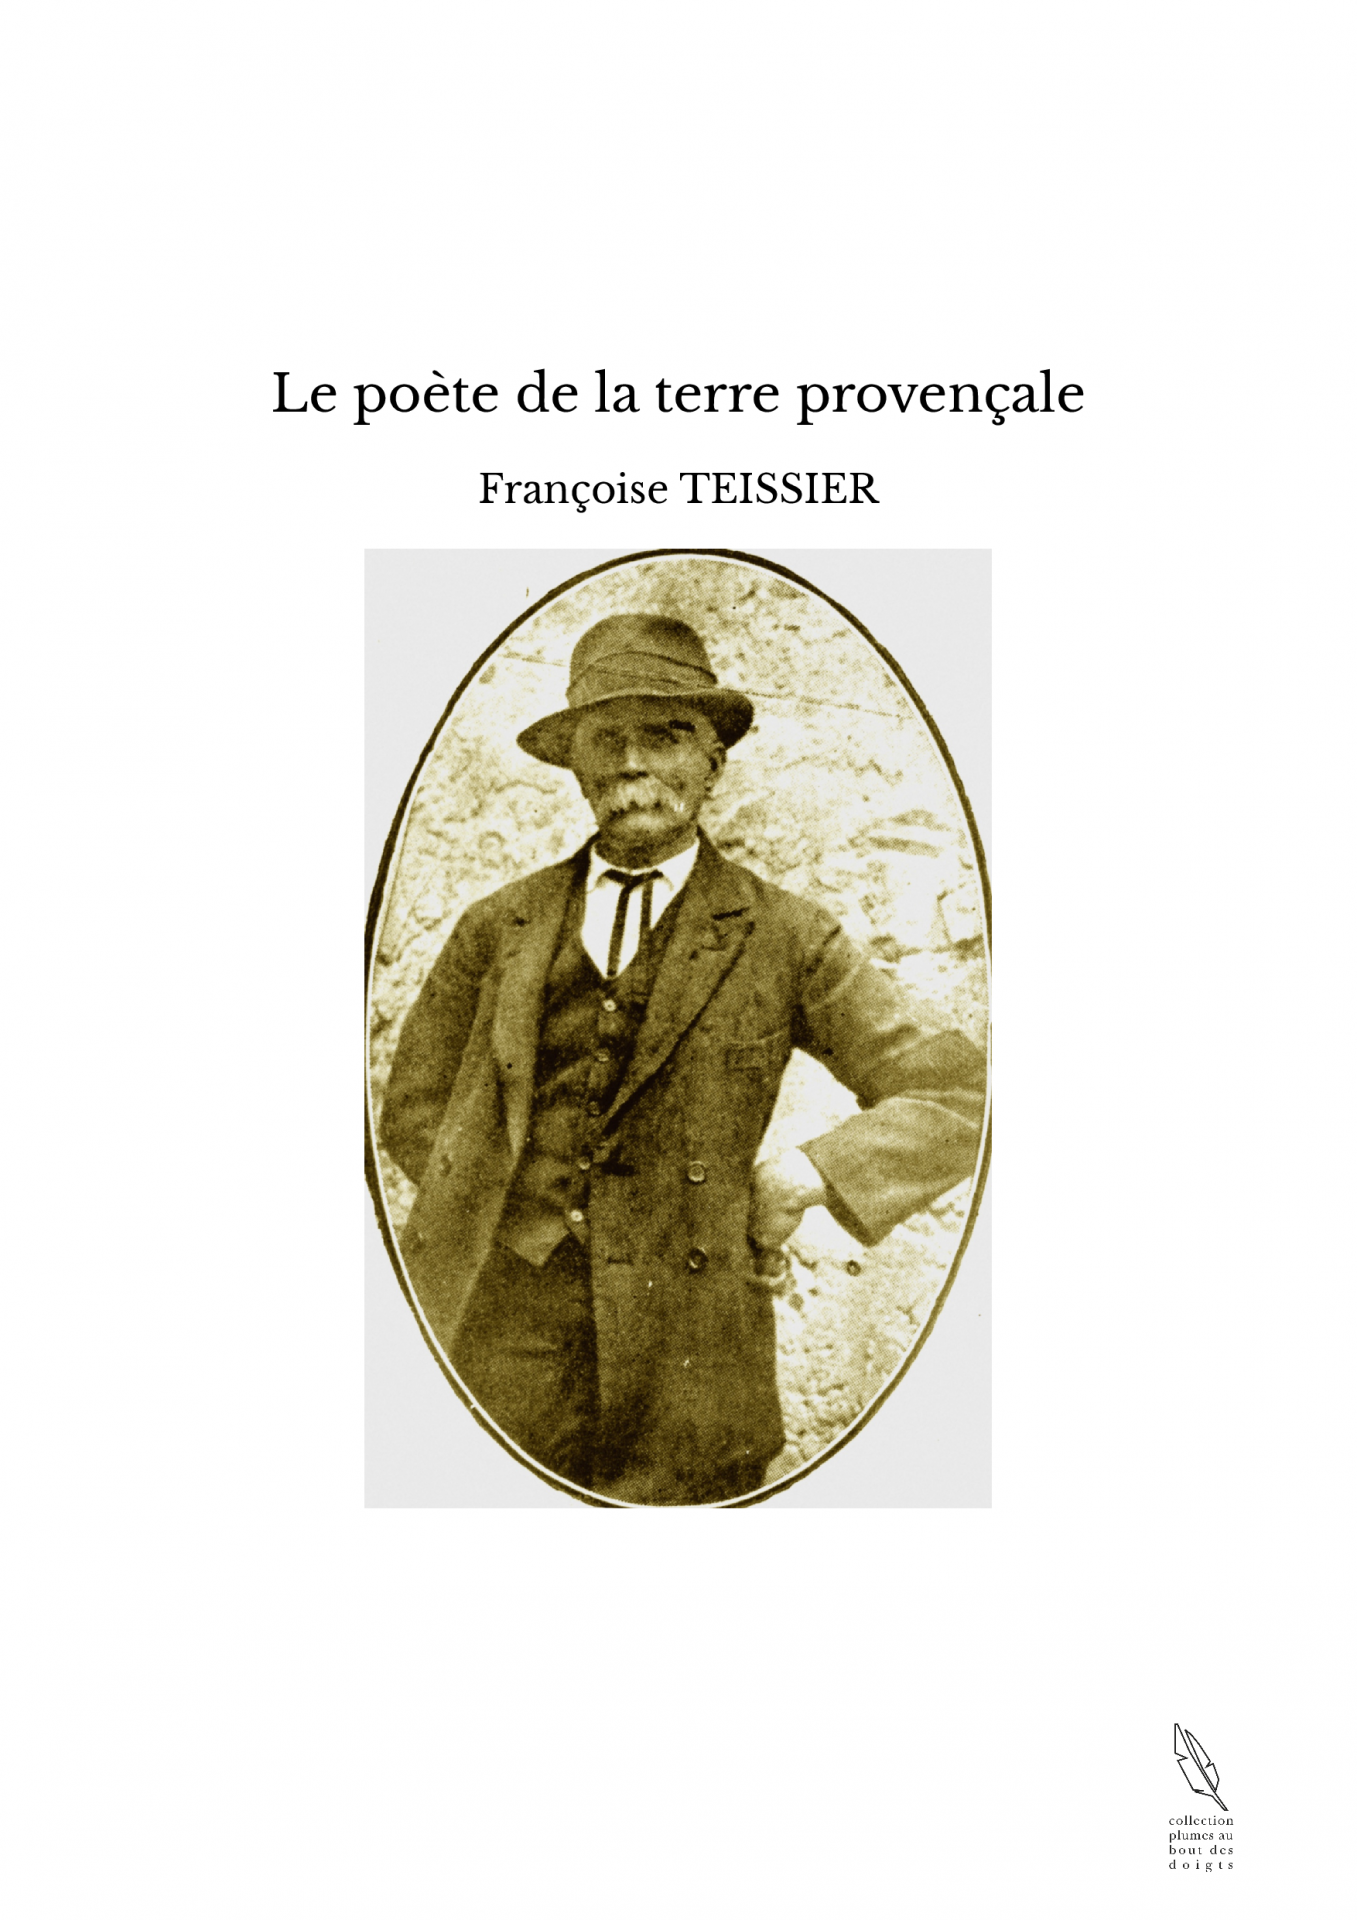 Le poète de la terre provençale